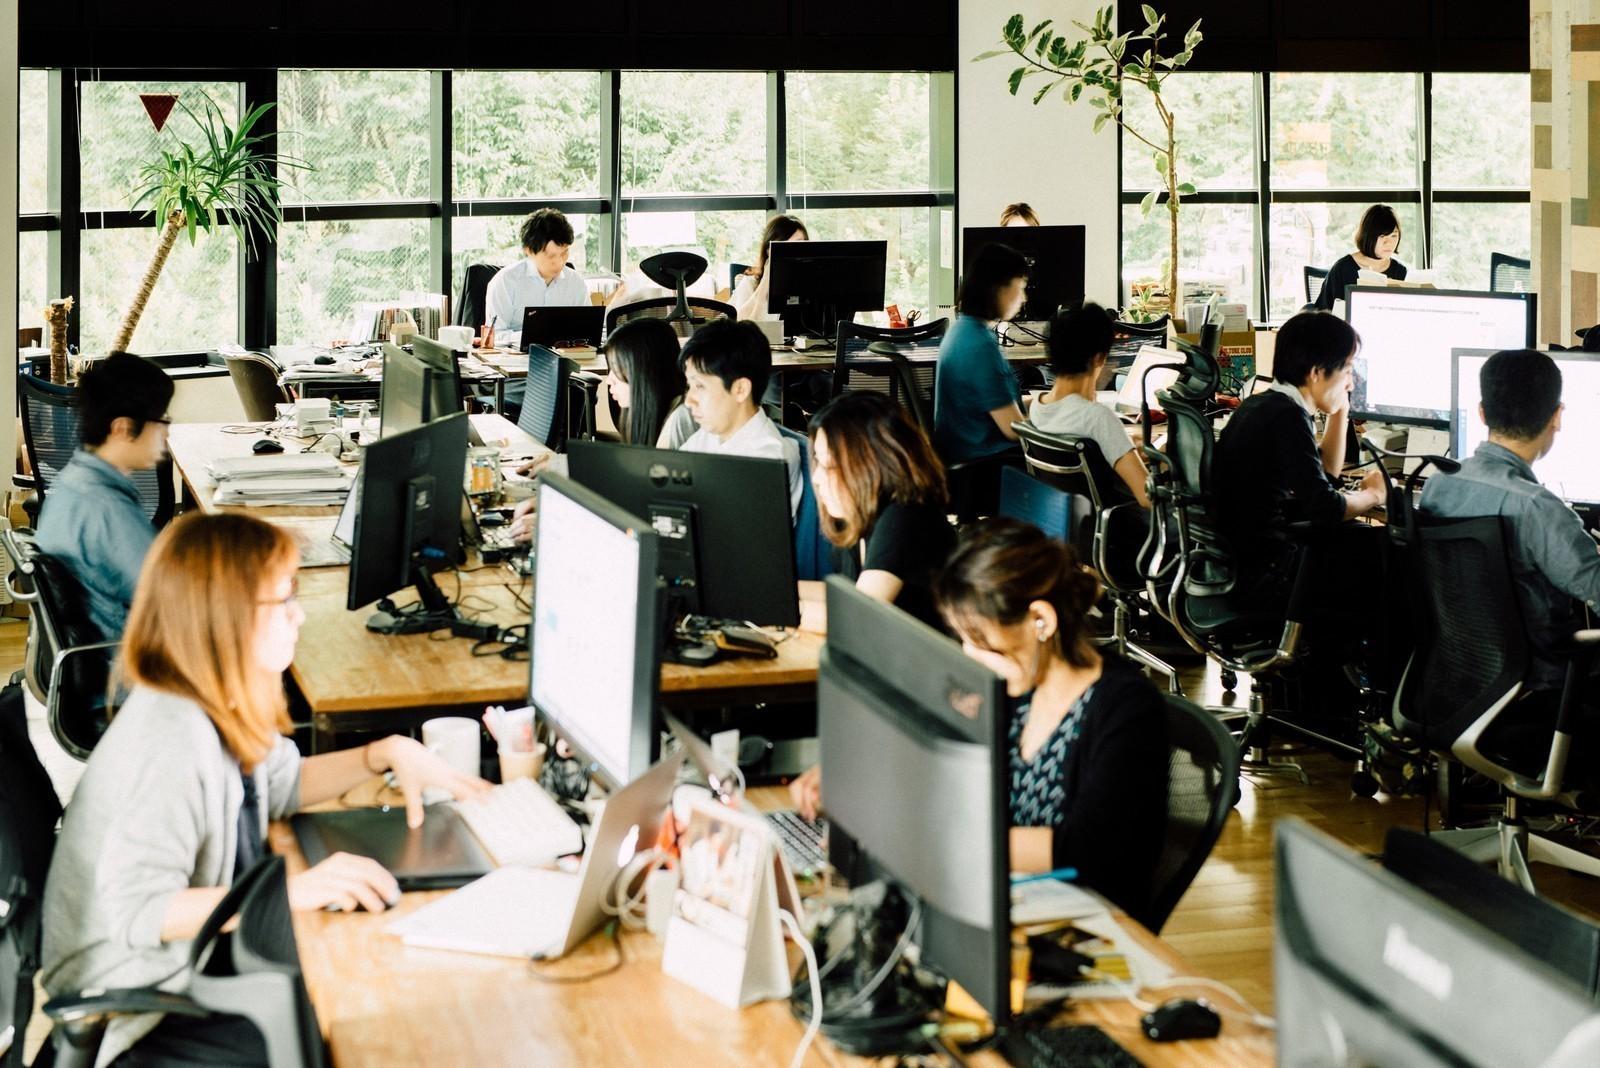 【プラットフォーム開発ディレクター】「日常にあるべき」革新的デジタルサービスをグロースする開発ディレクターを募集!